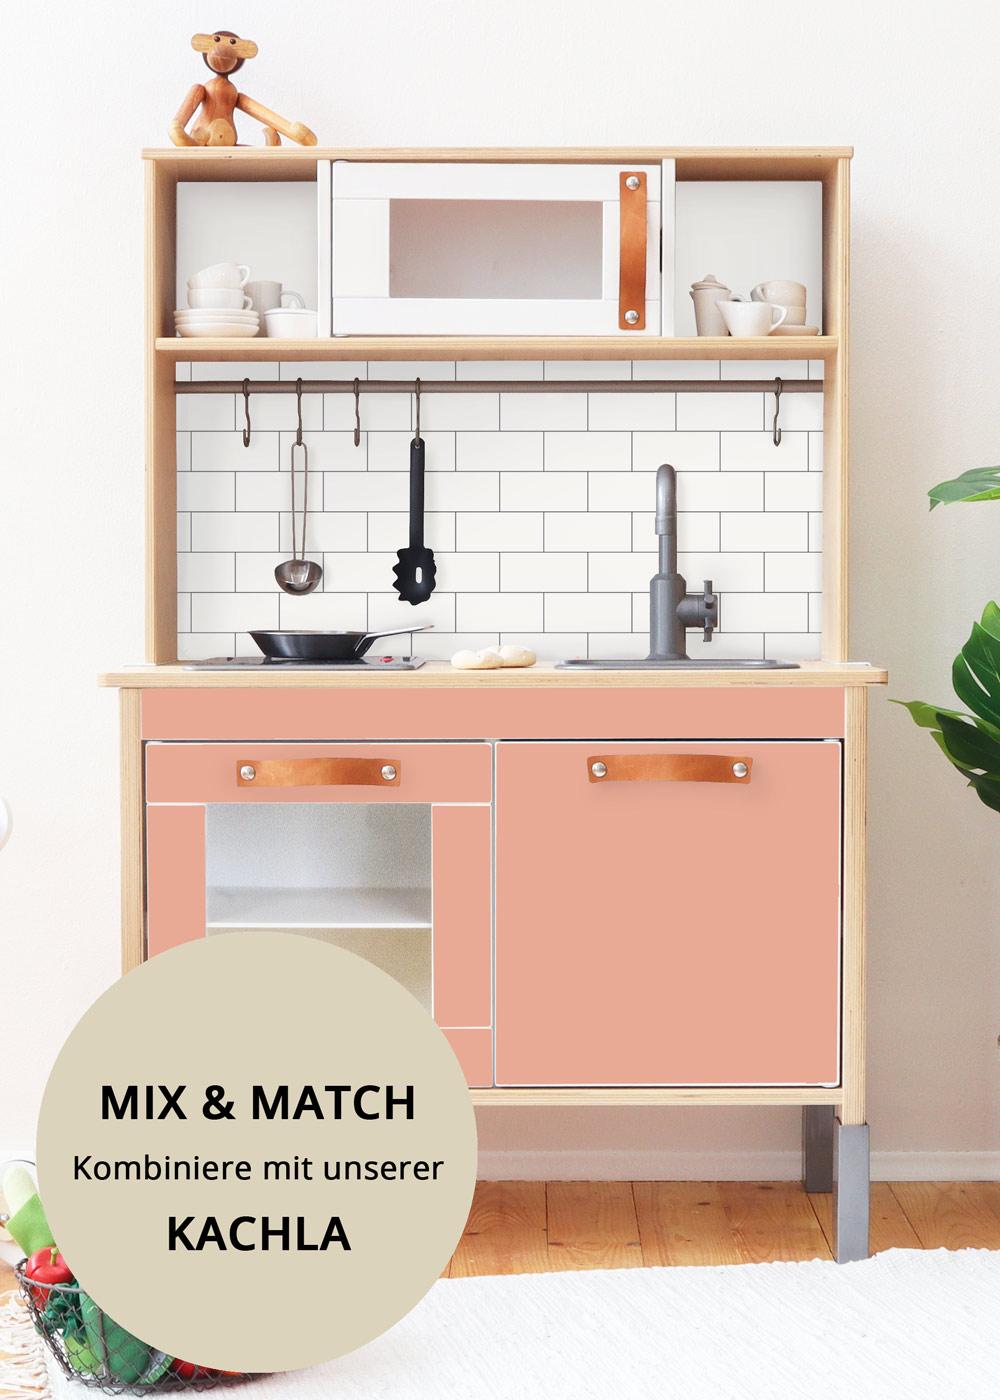 Ikea Duktig Kinderküche Frontli Rosa Frontansicht